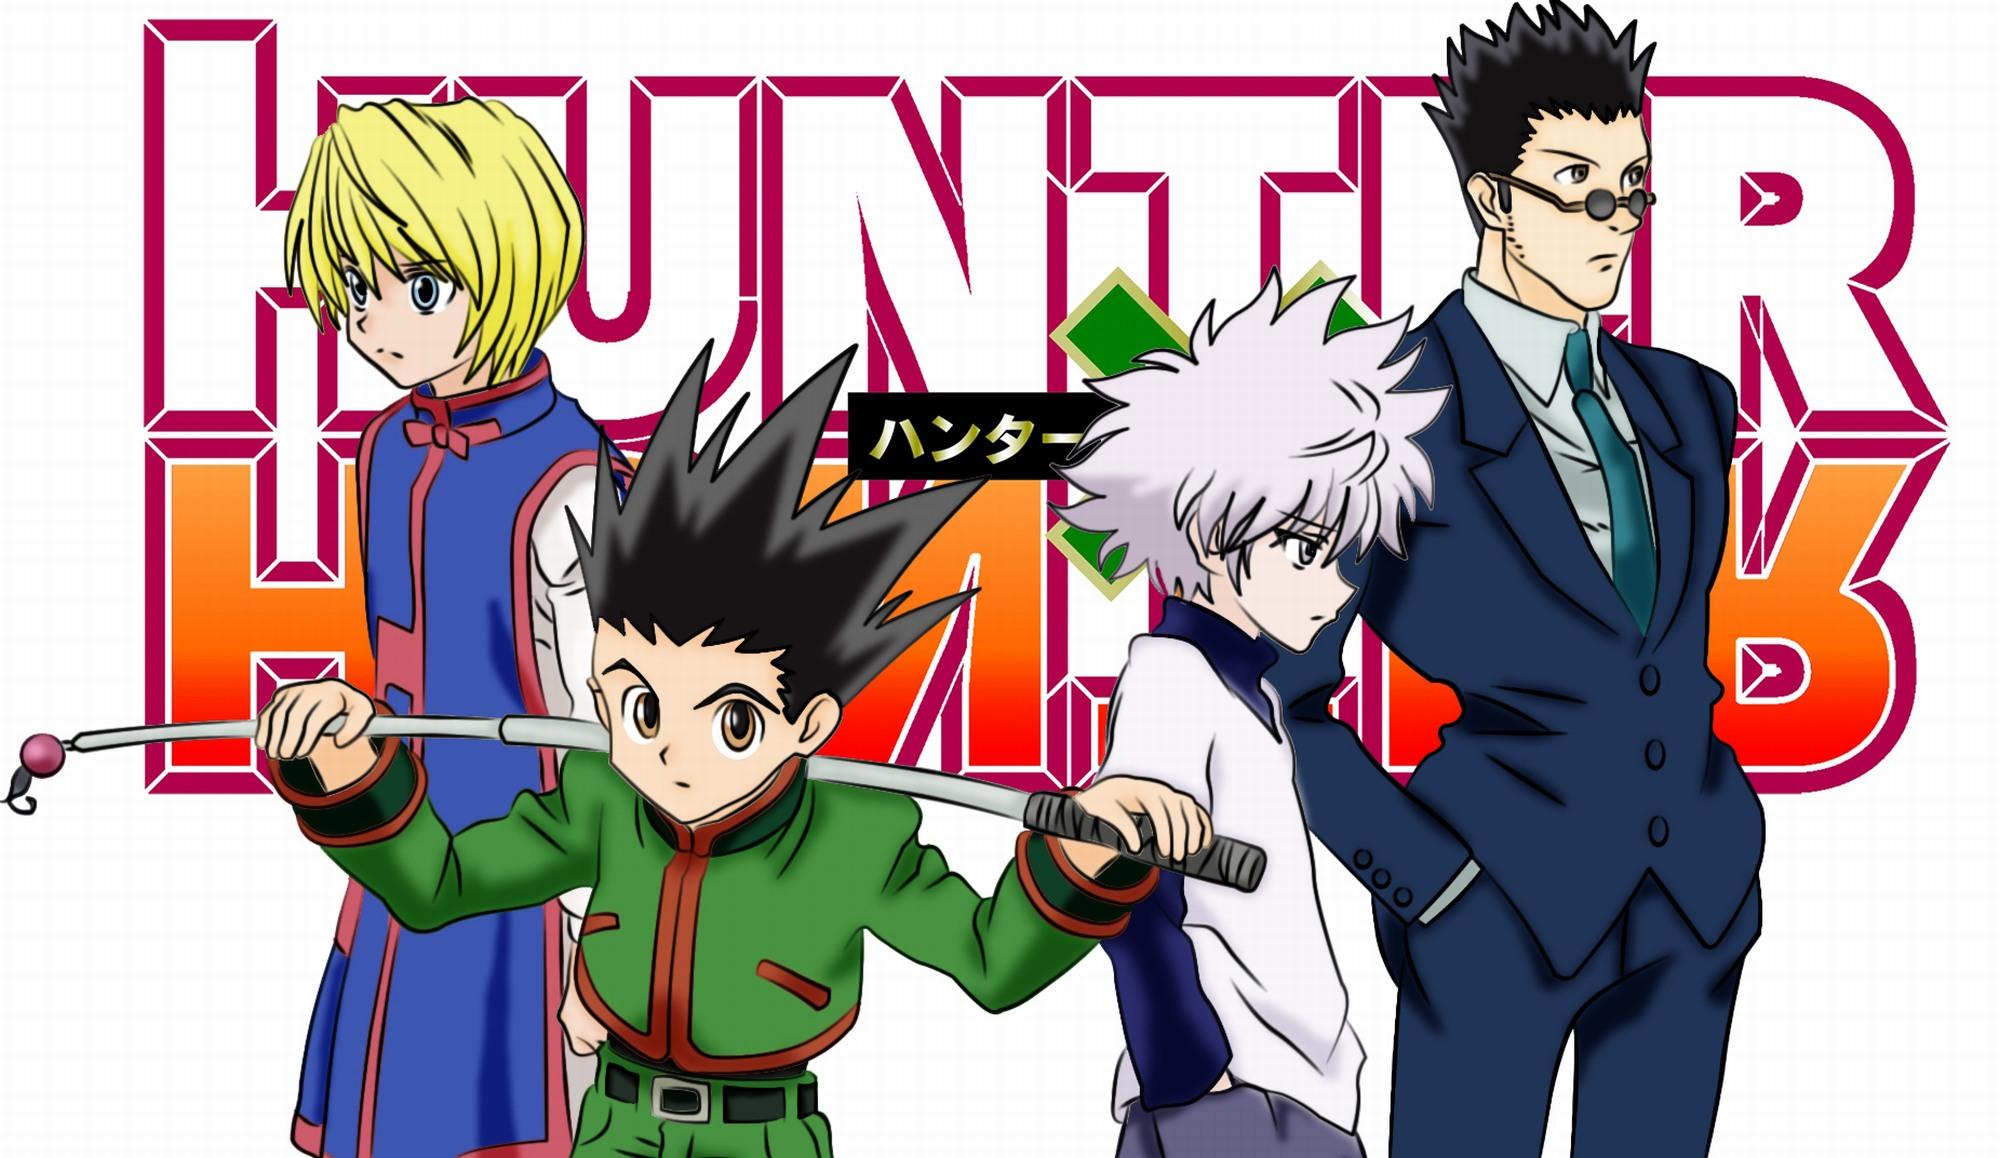 Смотреть Онлайн Охотник х Охотник [ТВ-2] / Hunter x Hunter TV 2